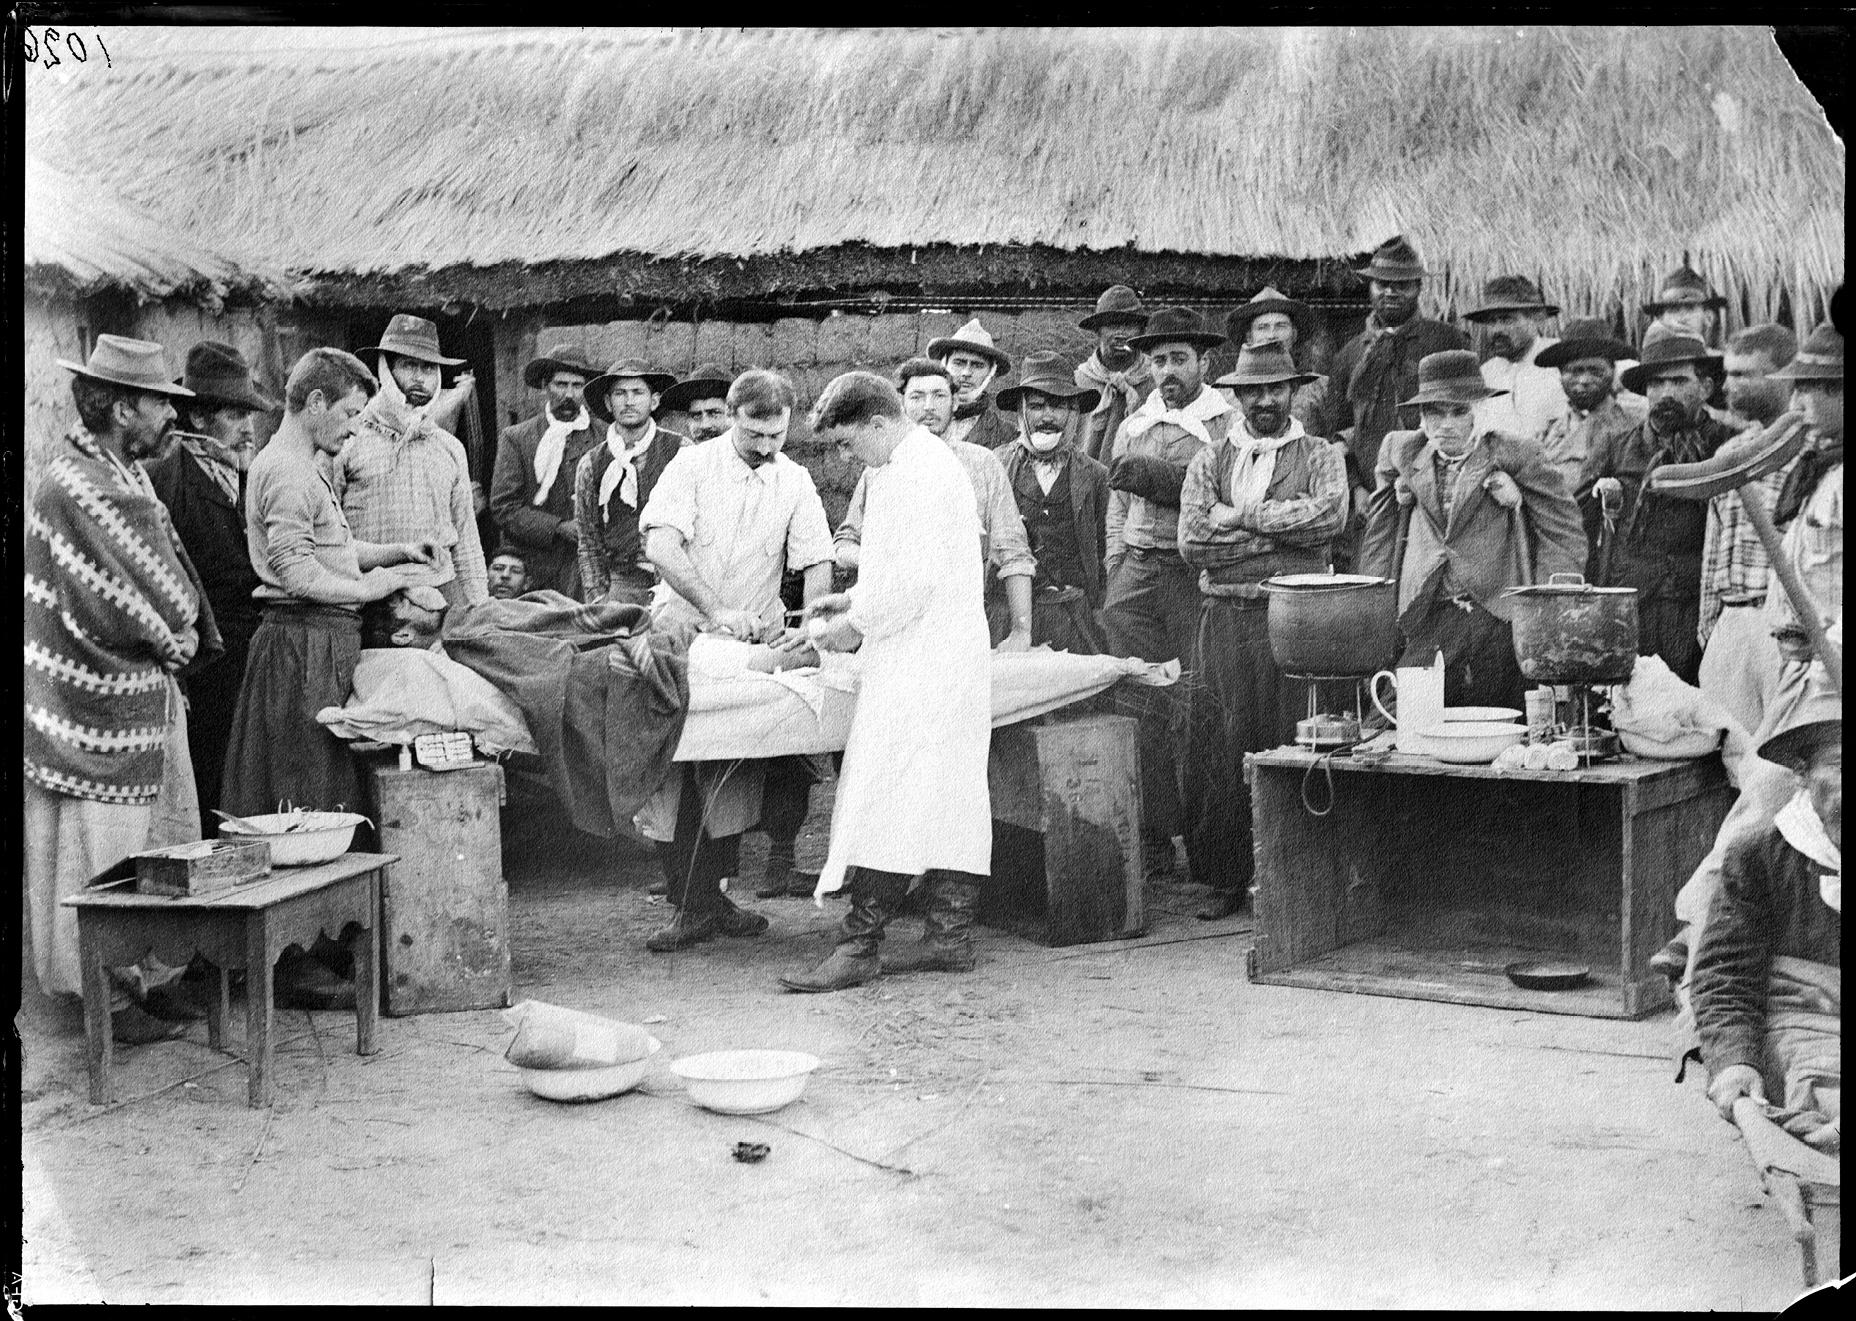 Intervención quirúrgica al aire libre llevada a cabo en el Hospital Nacionalista por los cirujanos miembros de la guardia médica de Aparicio Saravia: Baldomero Cuencas y Lamas y Bernardino Fonticiolla, durante la revolución de 1897.